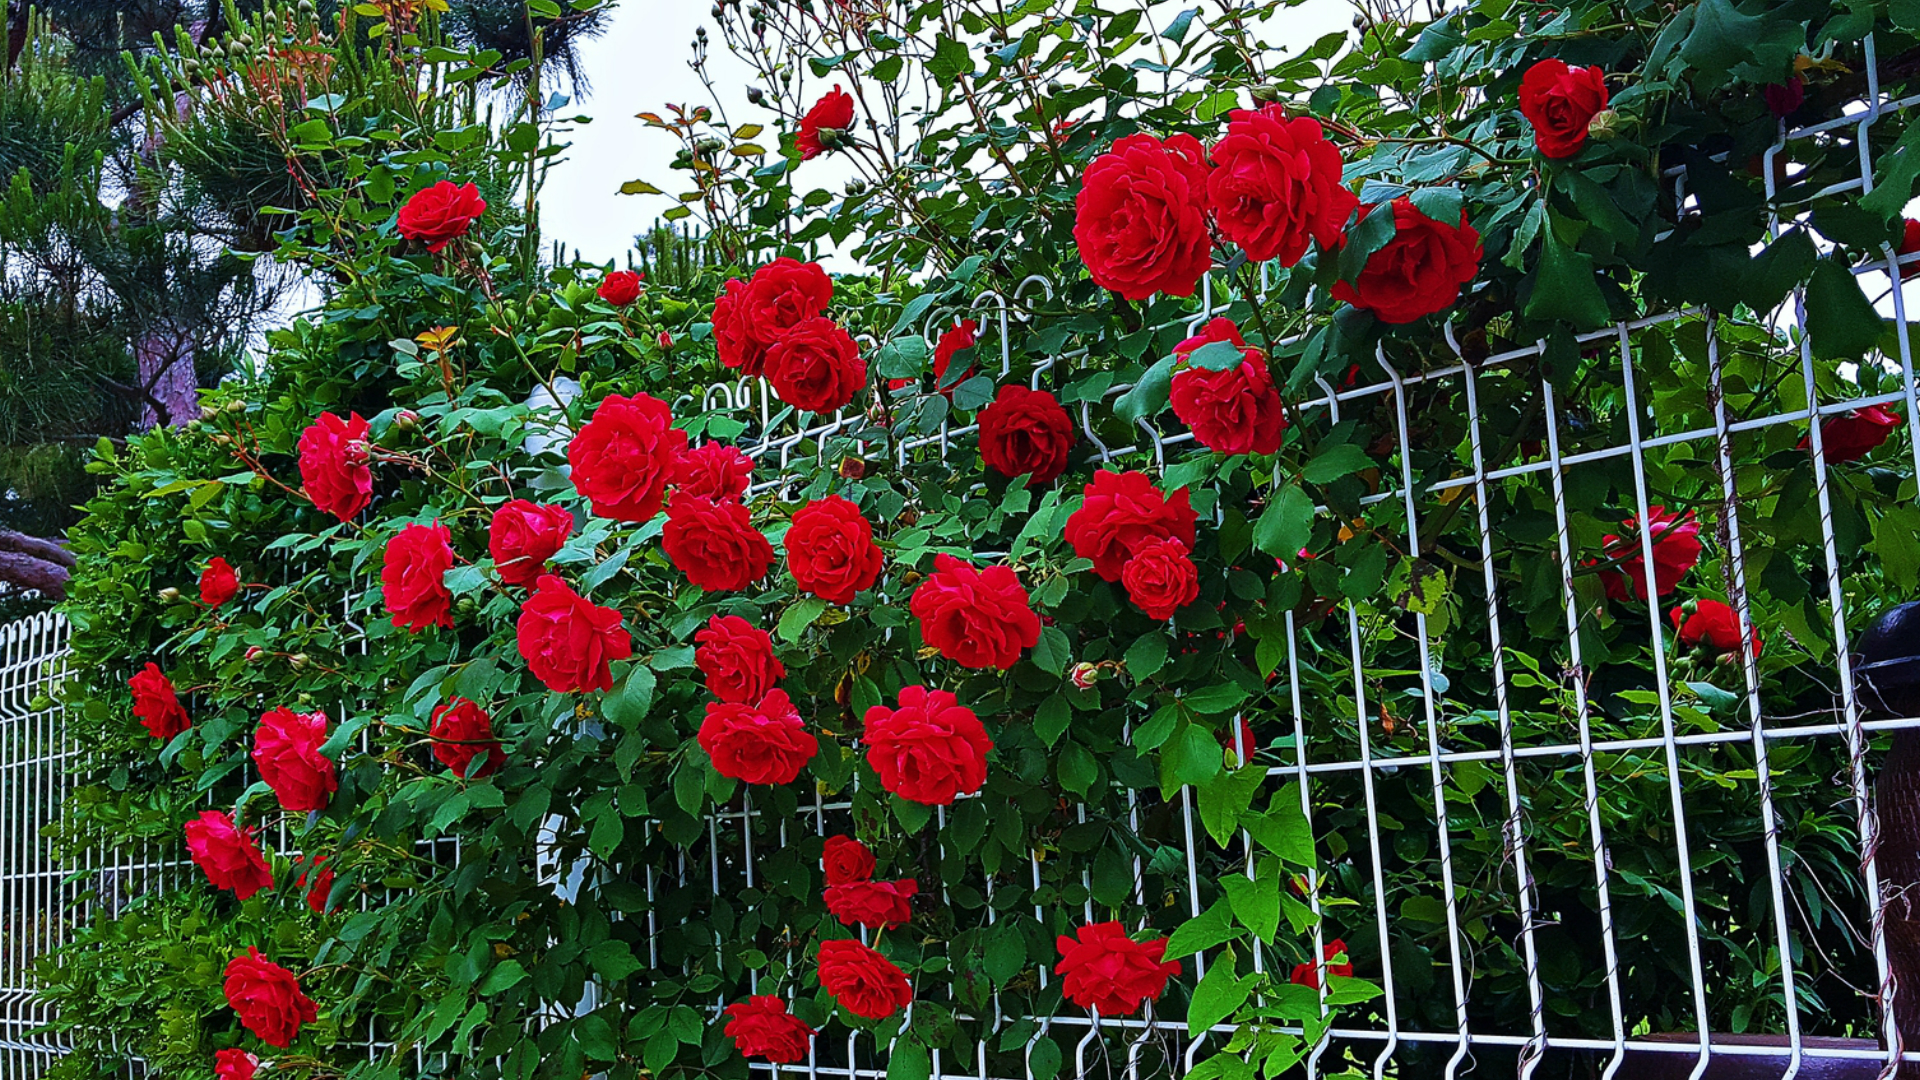 Zaun aus Metall verzinkt - Ampanel.de